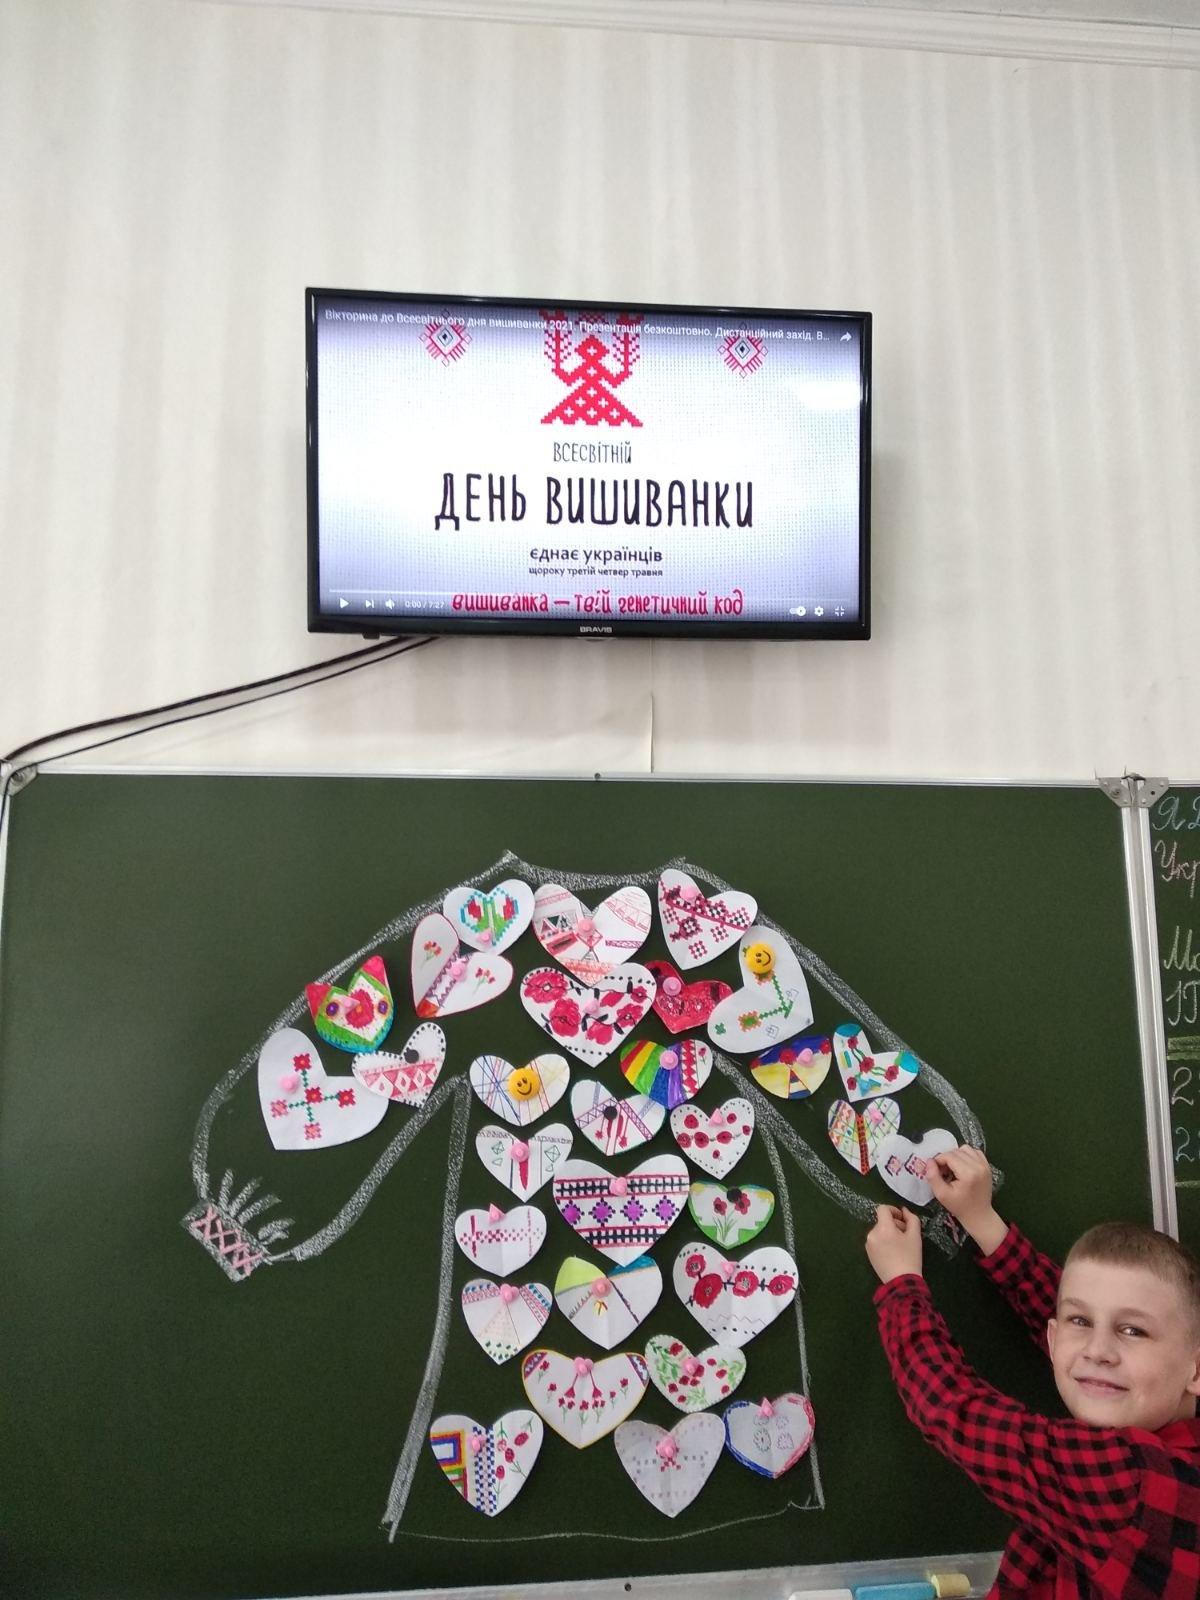 Долучилися цілими колективами: як лозівчани відзначають День вишиванки, фото-42